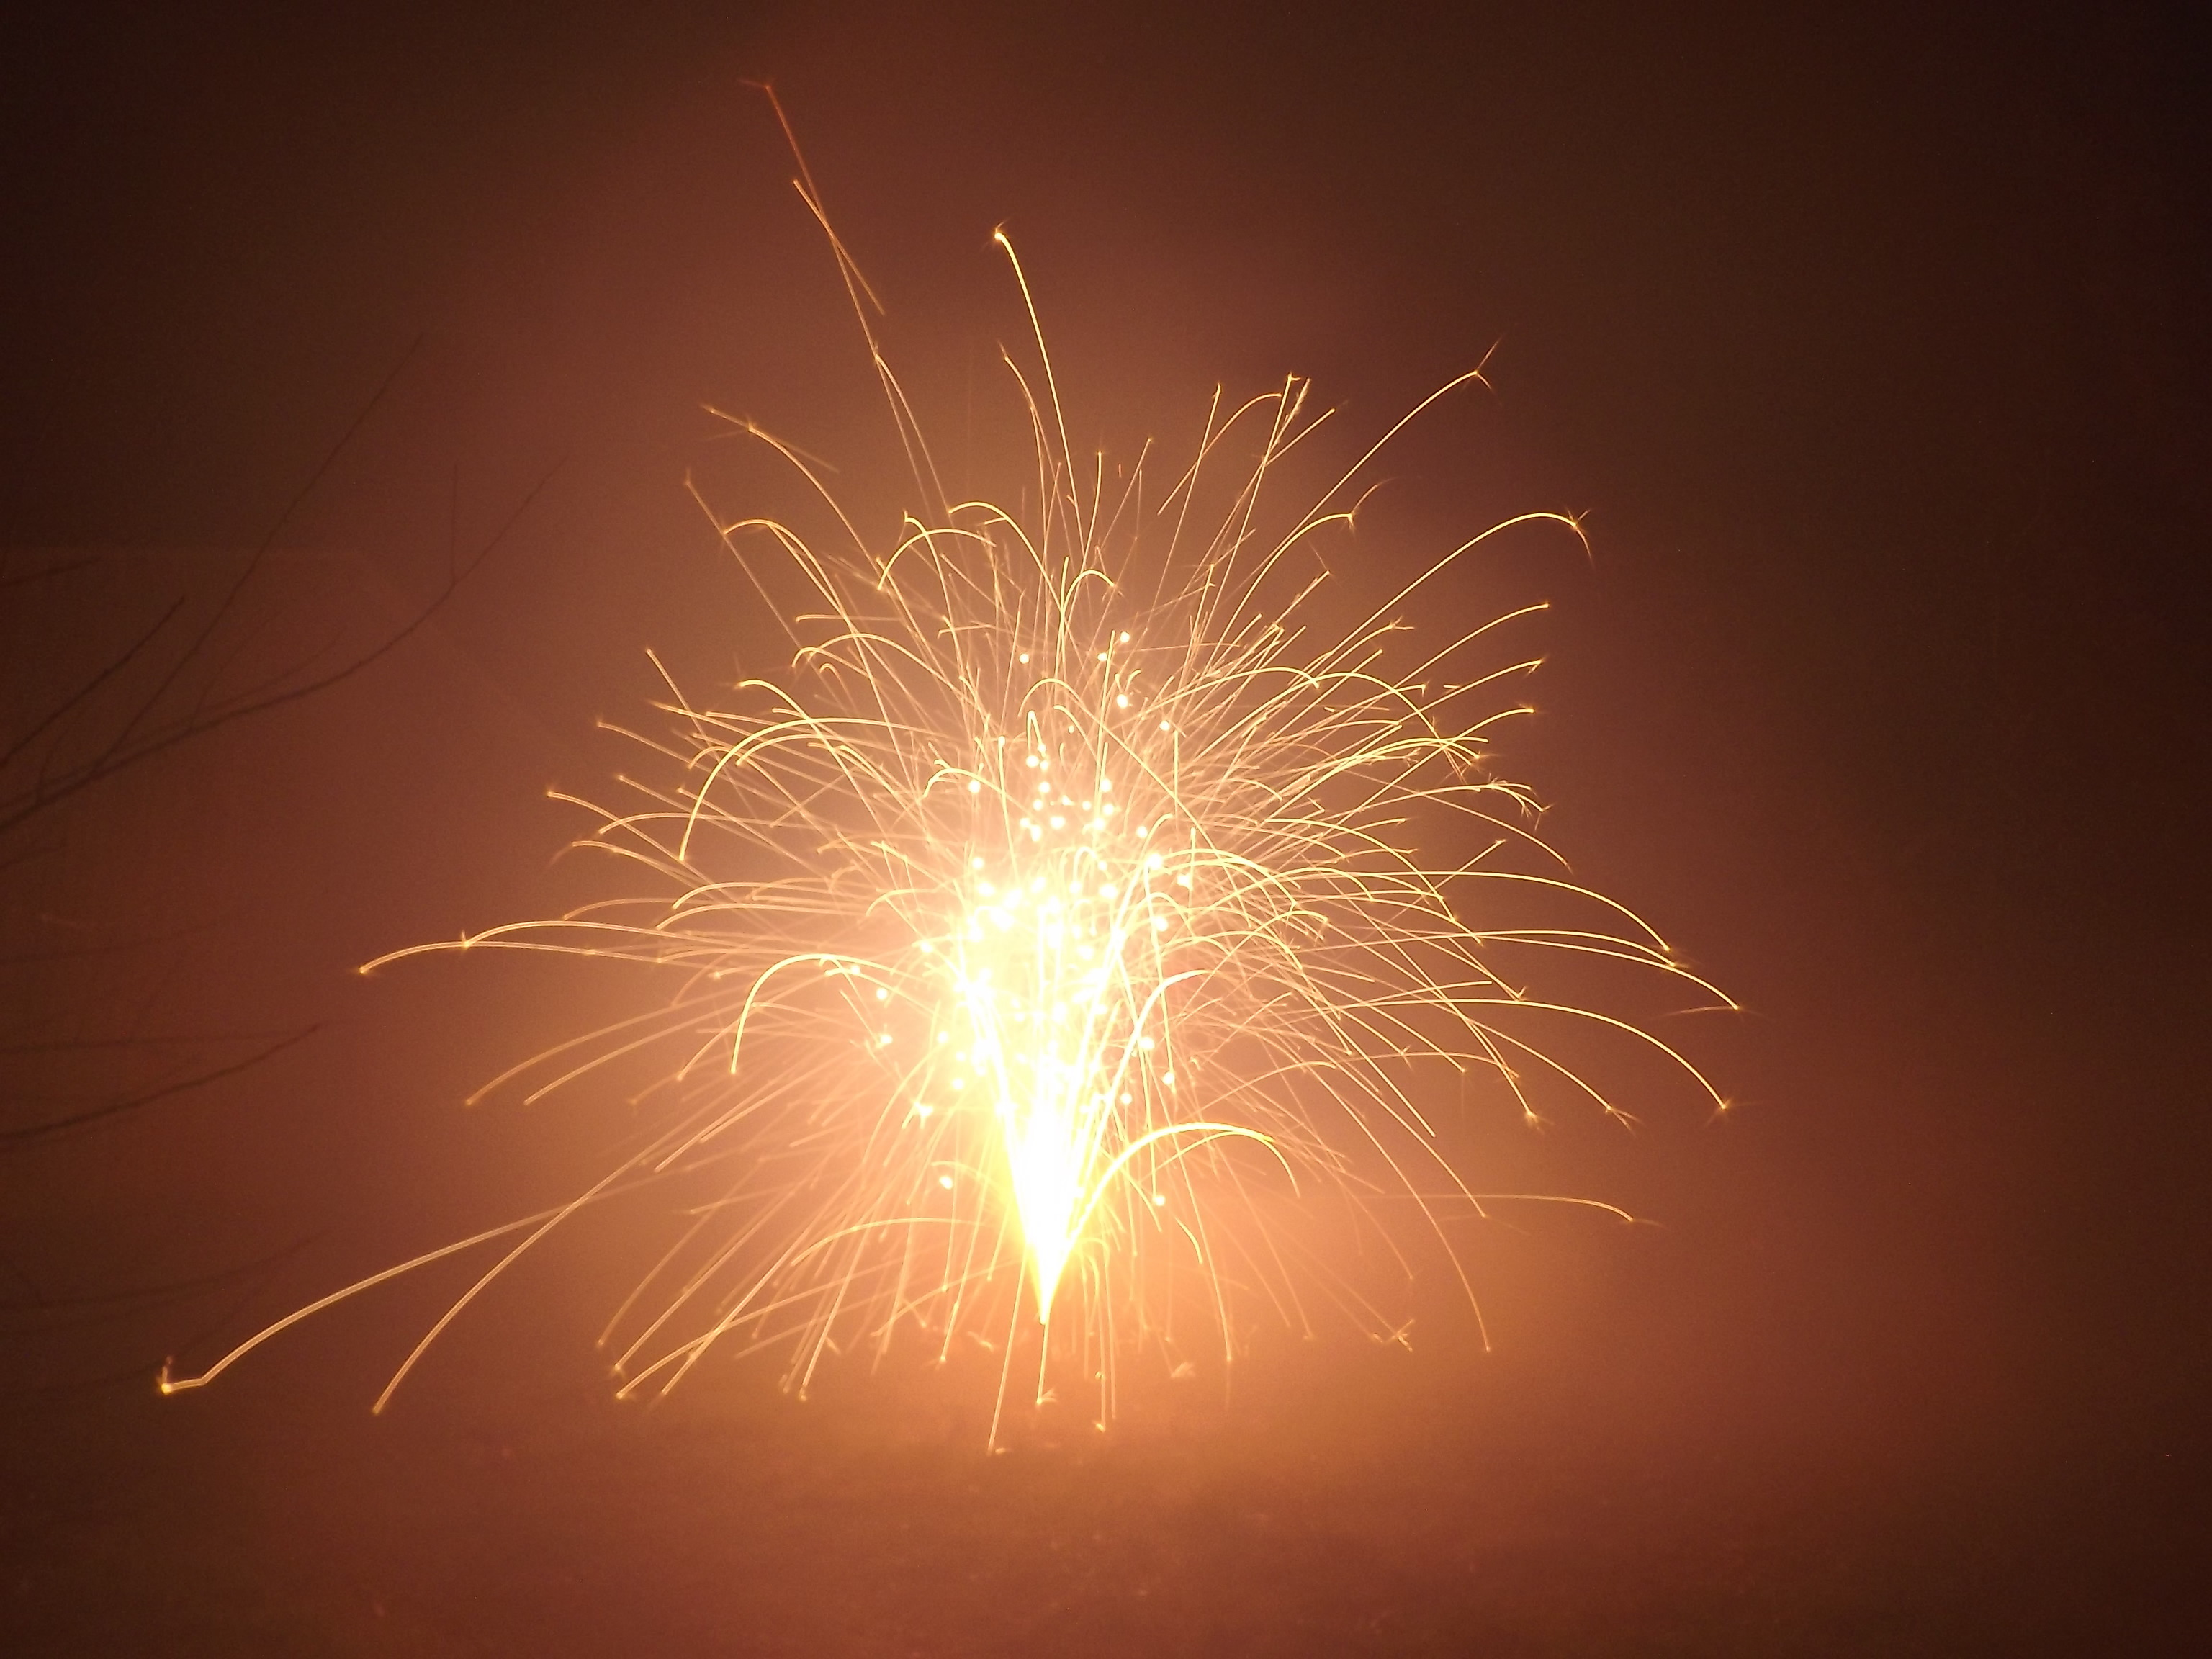 6751-feuerwerk-silvester-neujahr-explosion-rauch